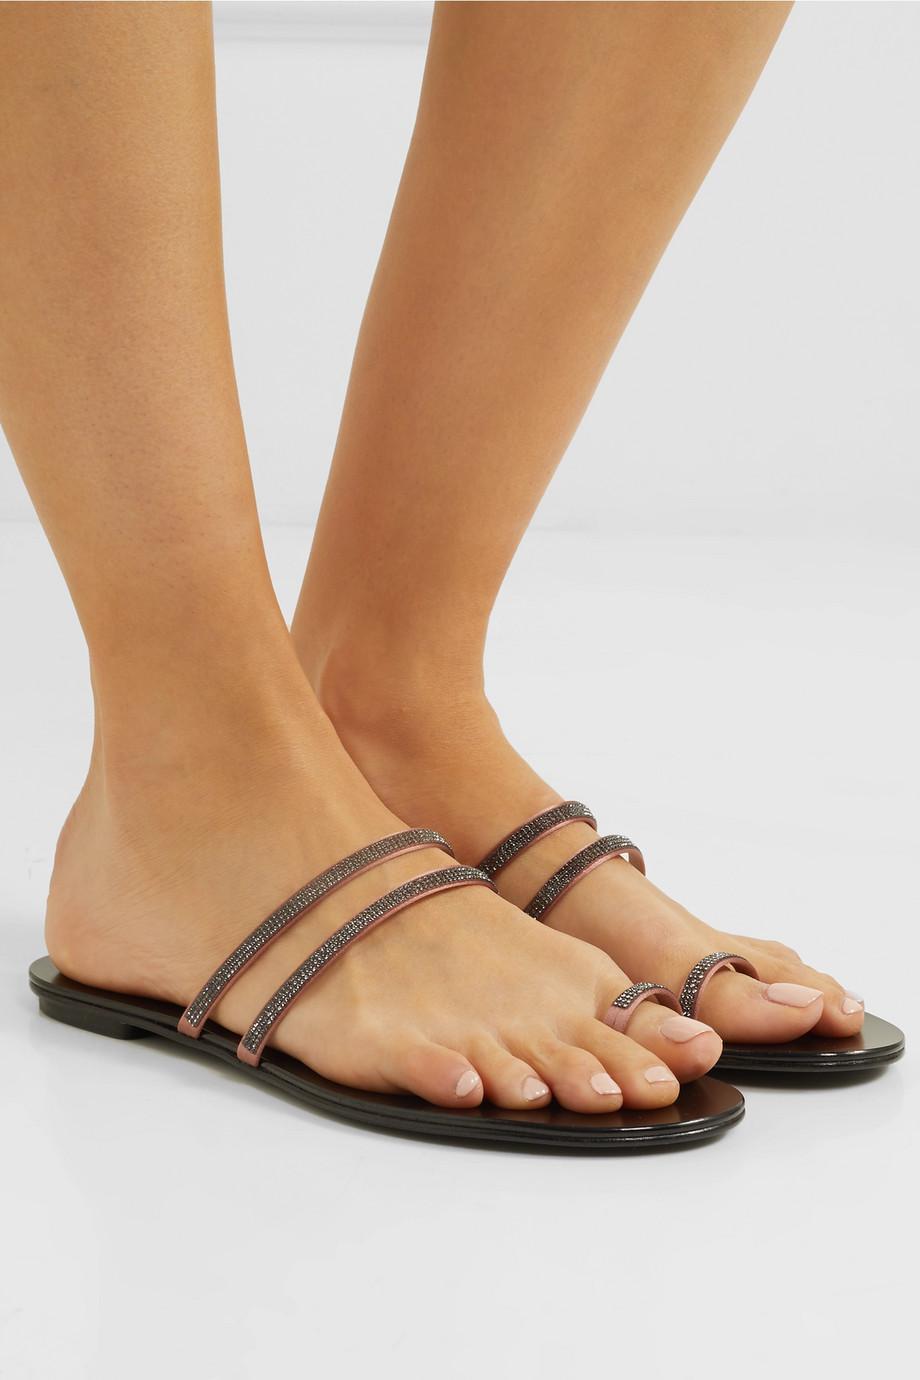 Sula Swarovski Crystal-embellished Satin And Leather Sandals - Black Pedro Garcia 9374sP